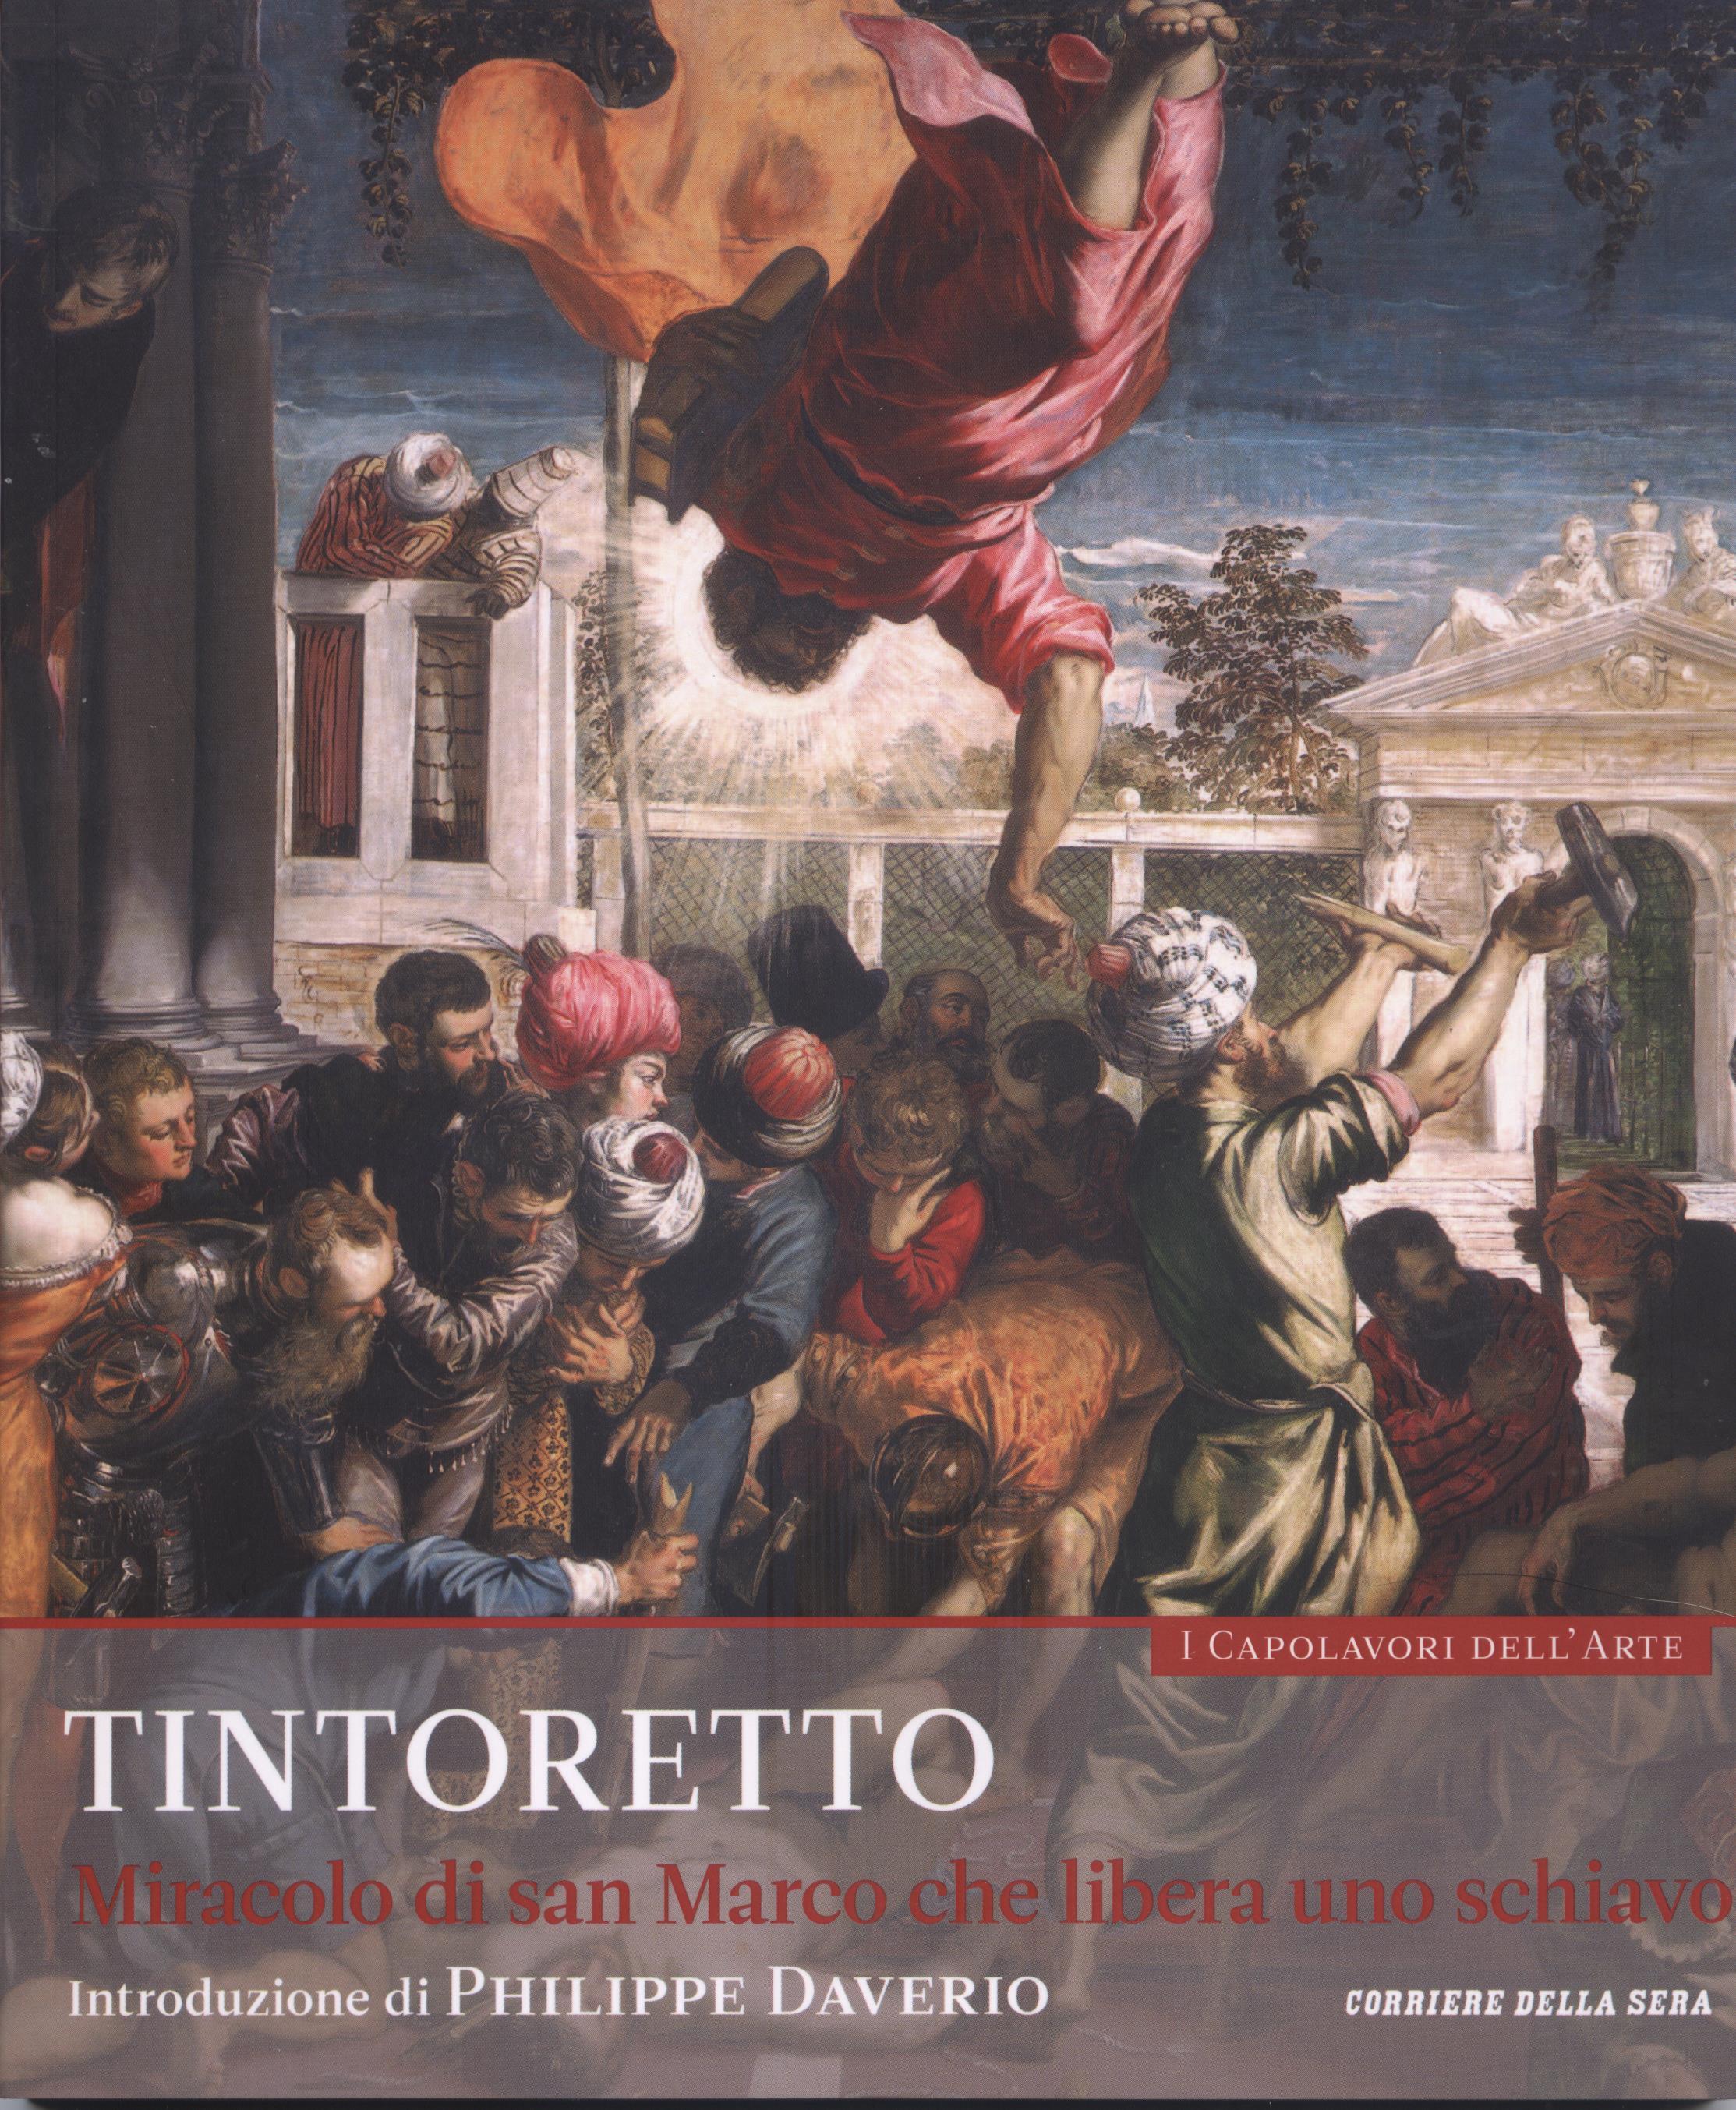 Tintoretto - Miracolo di San Marco che libera uno schiavo